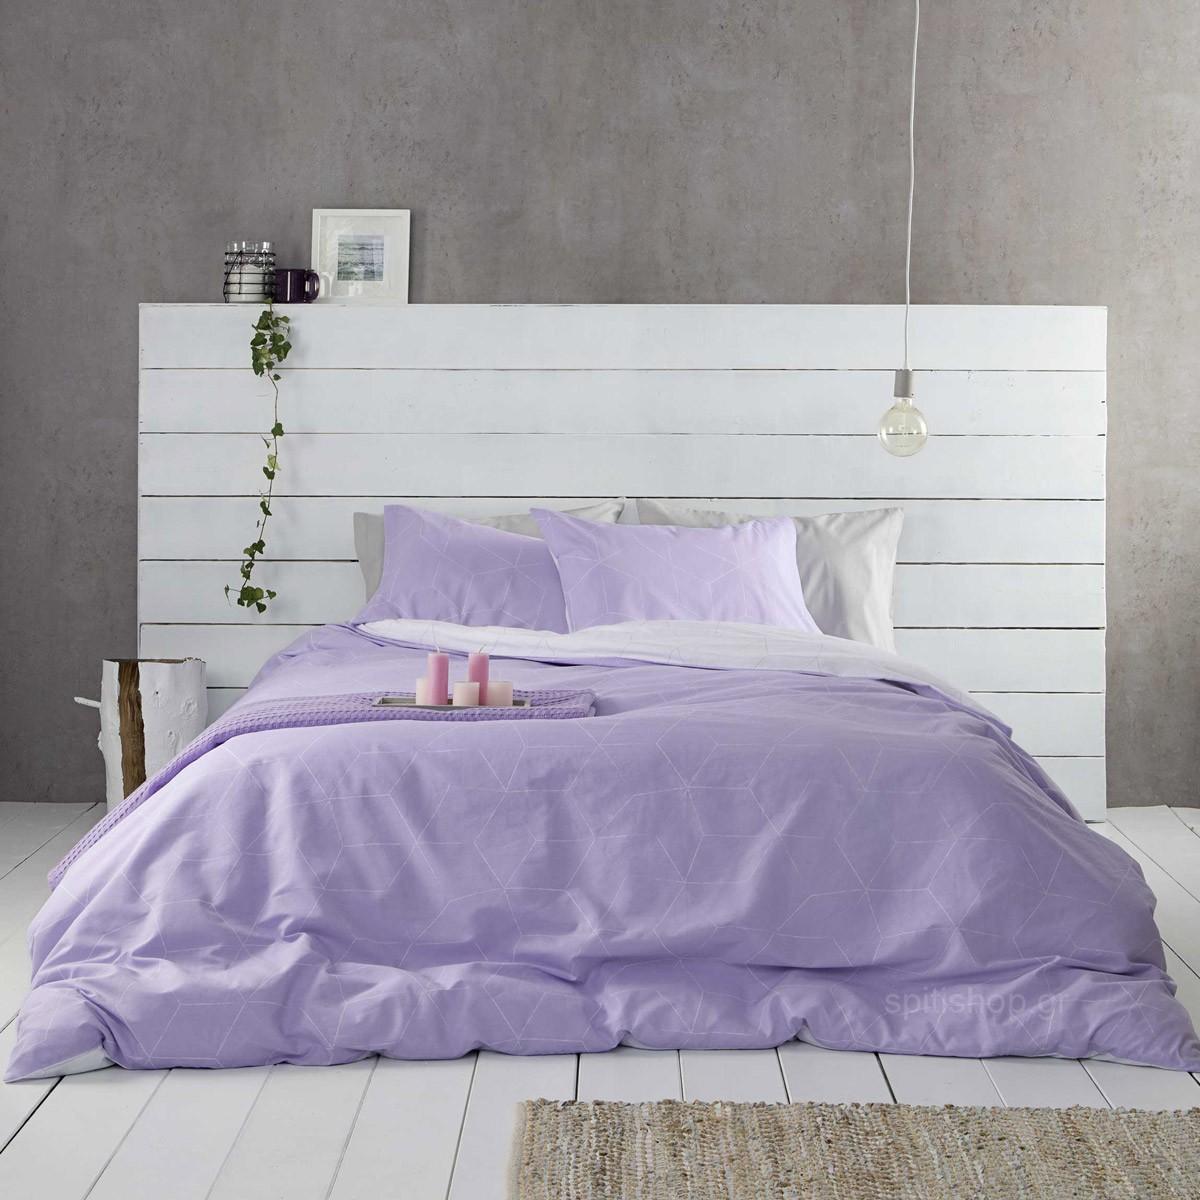 Σεντόνια King Size (Σετ) Nima Bed Linen Fade Lilac